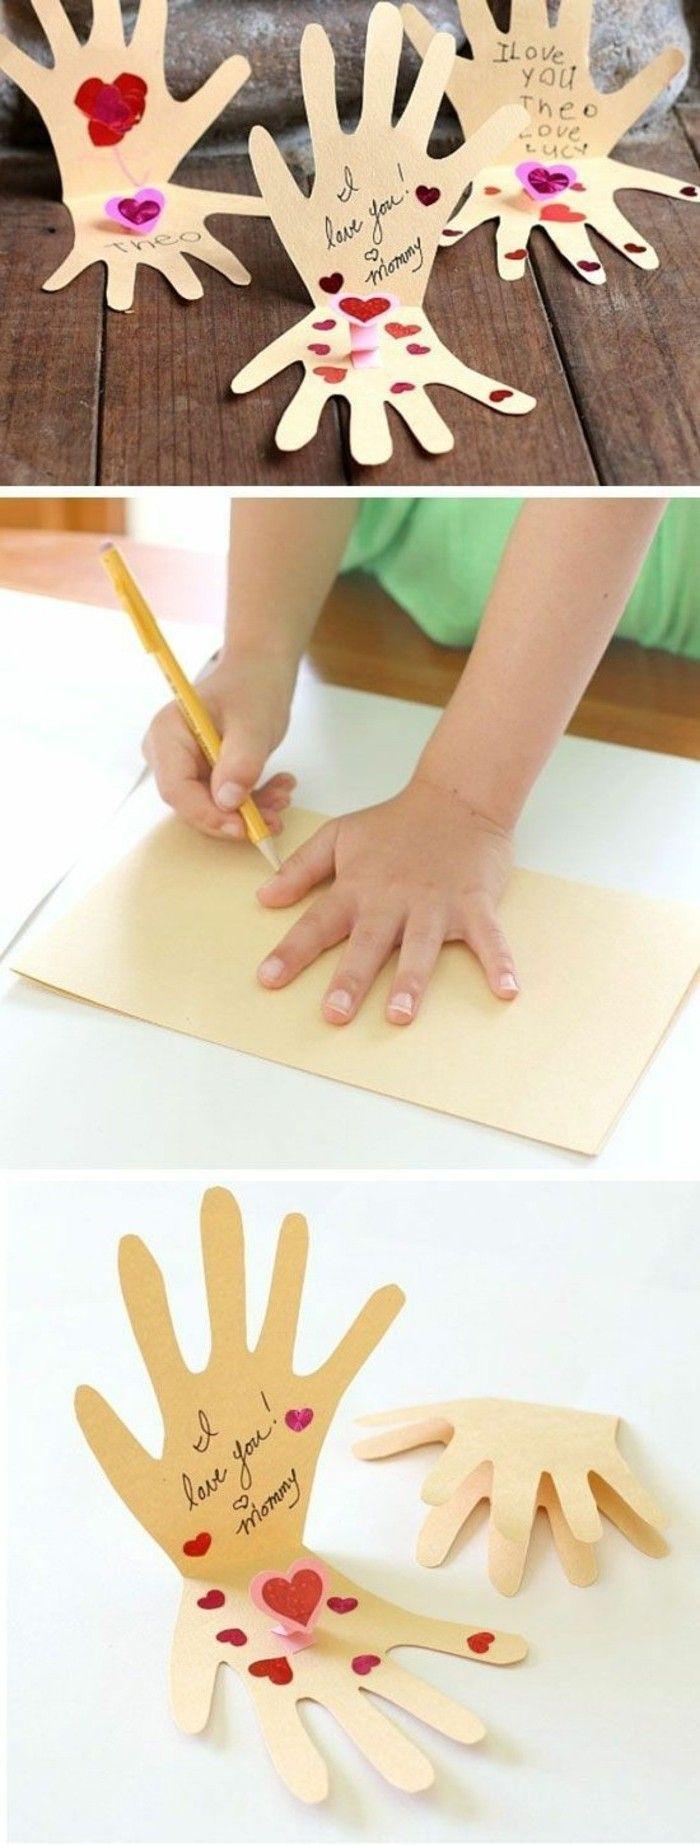 idée cadeau fête des mères à fabriqur soi meme, des empreintes de main avec un message, coers, idée activite manuellle maternelle enfant